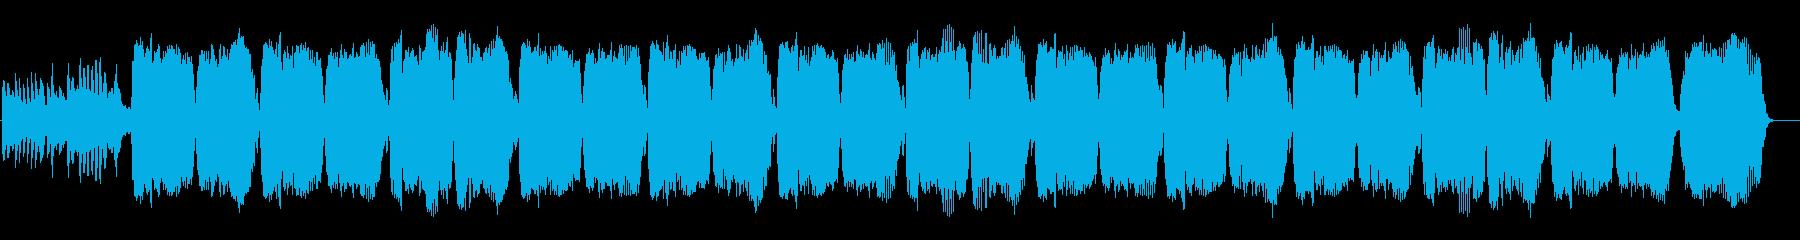 いつくしみ深き~讃美歌312番フルート2の再生済みの波形